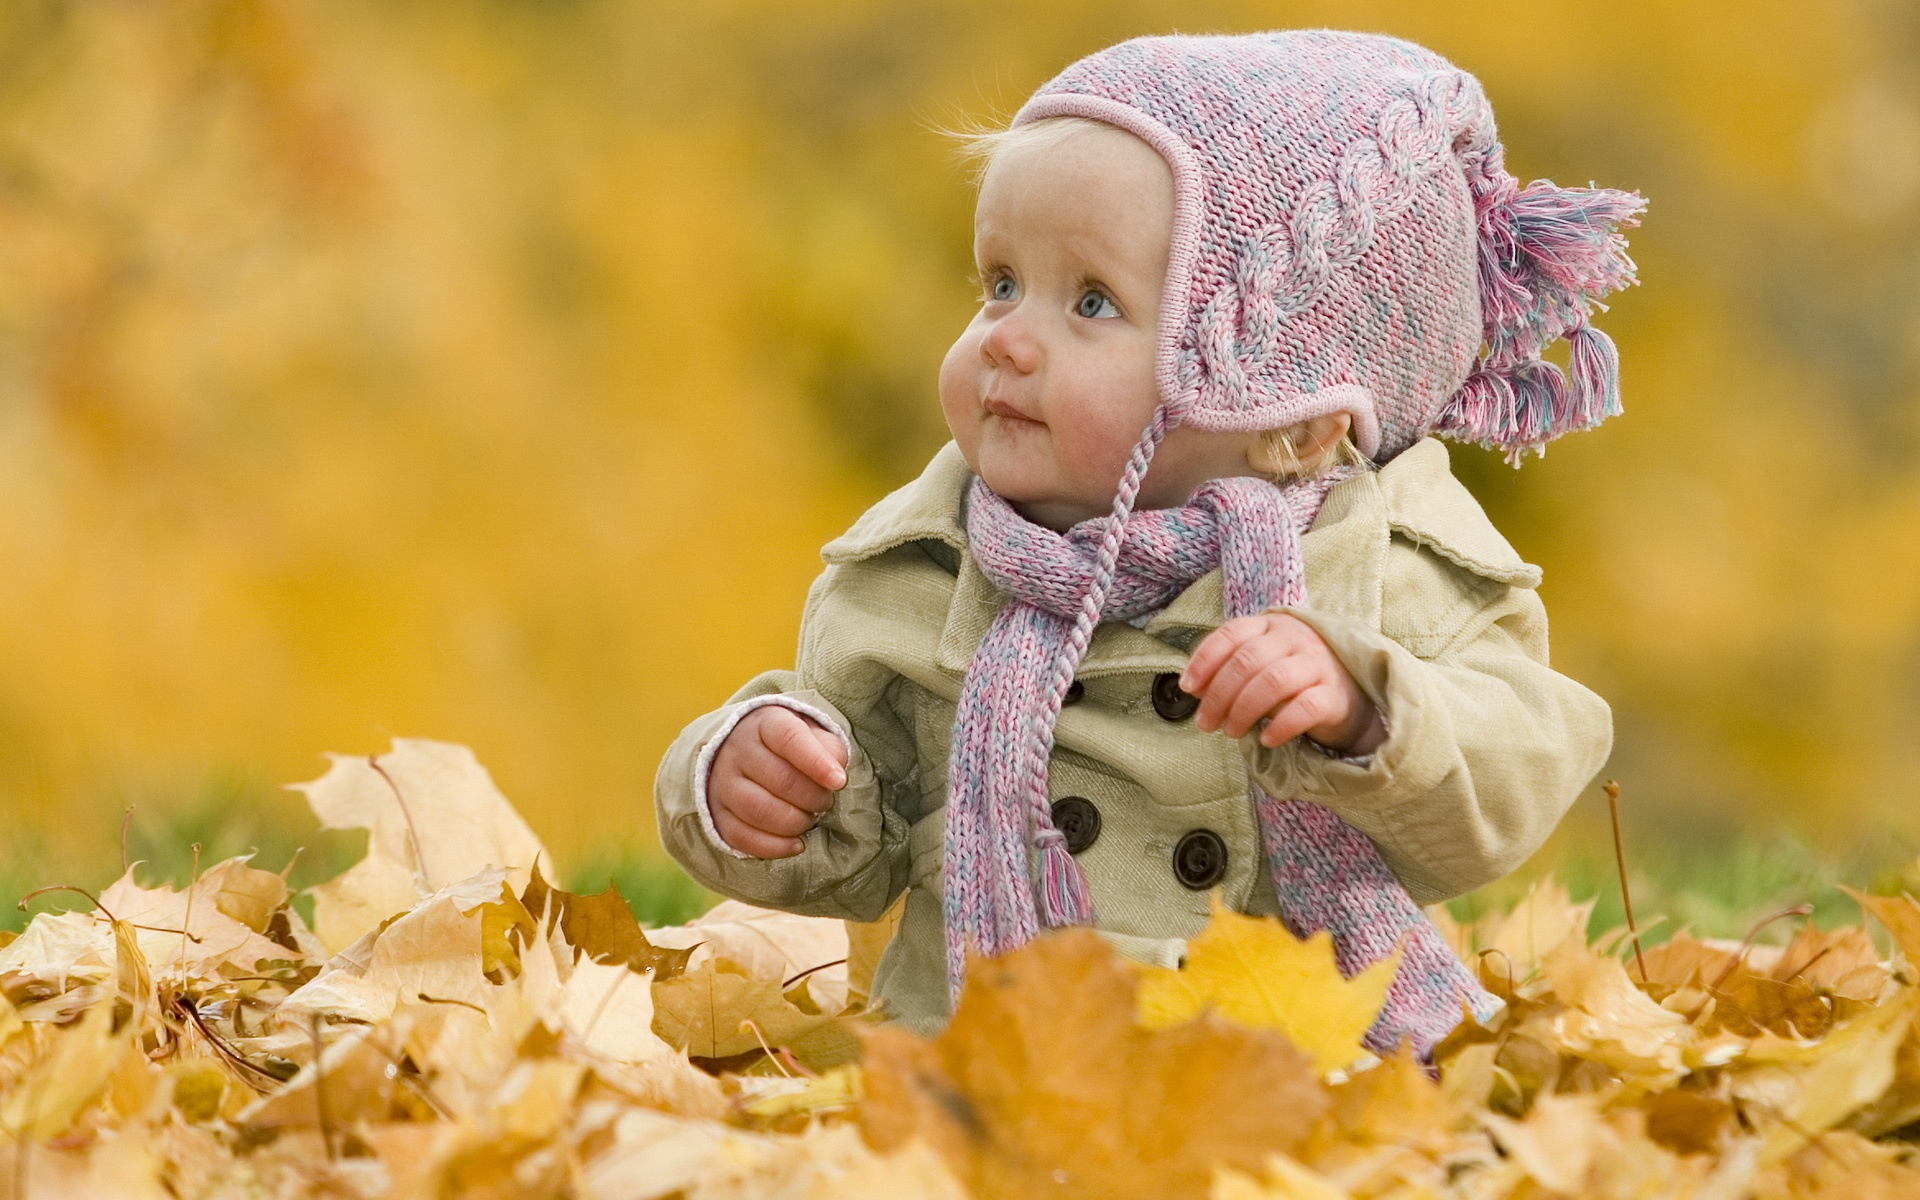 壁紙 かわいい赤ちゃんの秋 1920x1200 Hd 無料のデスクトップの背景 画像